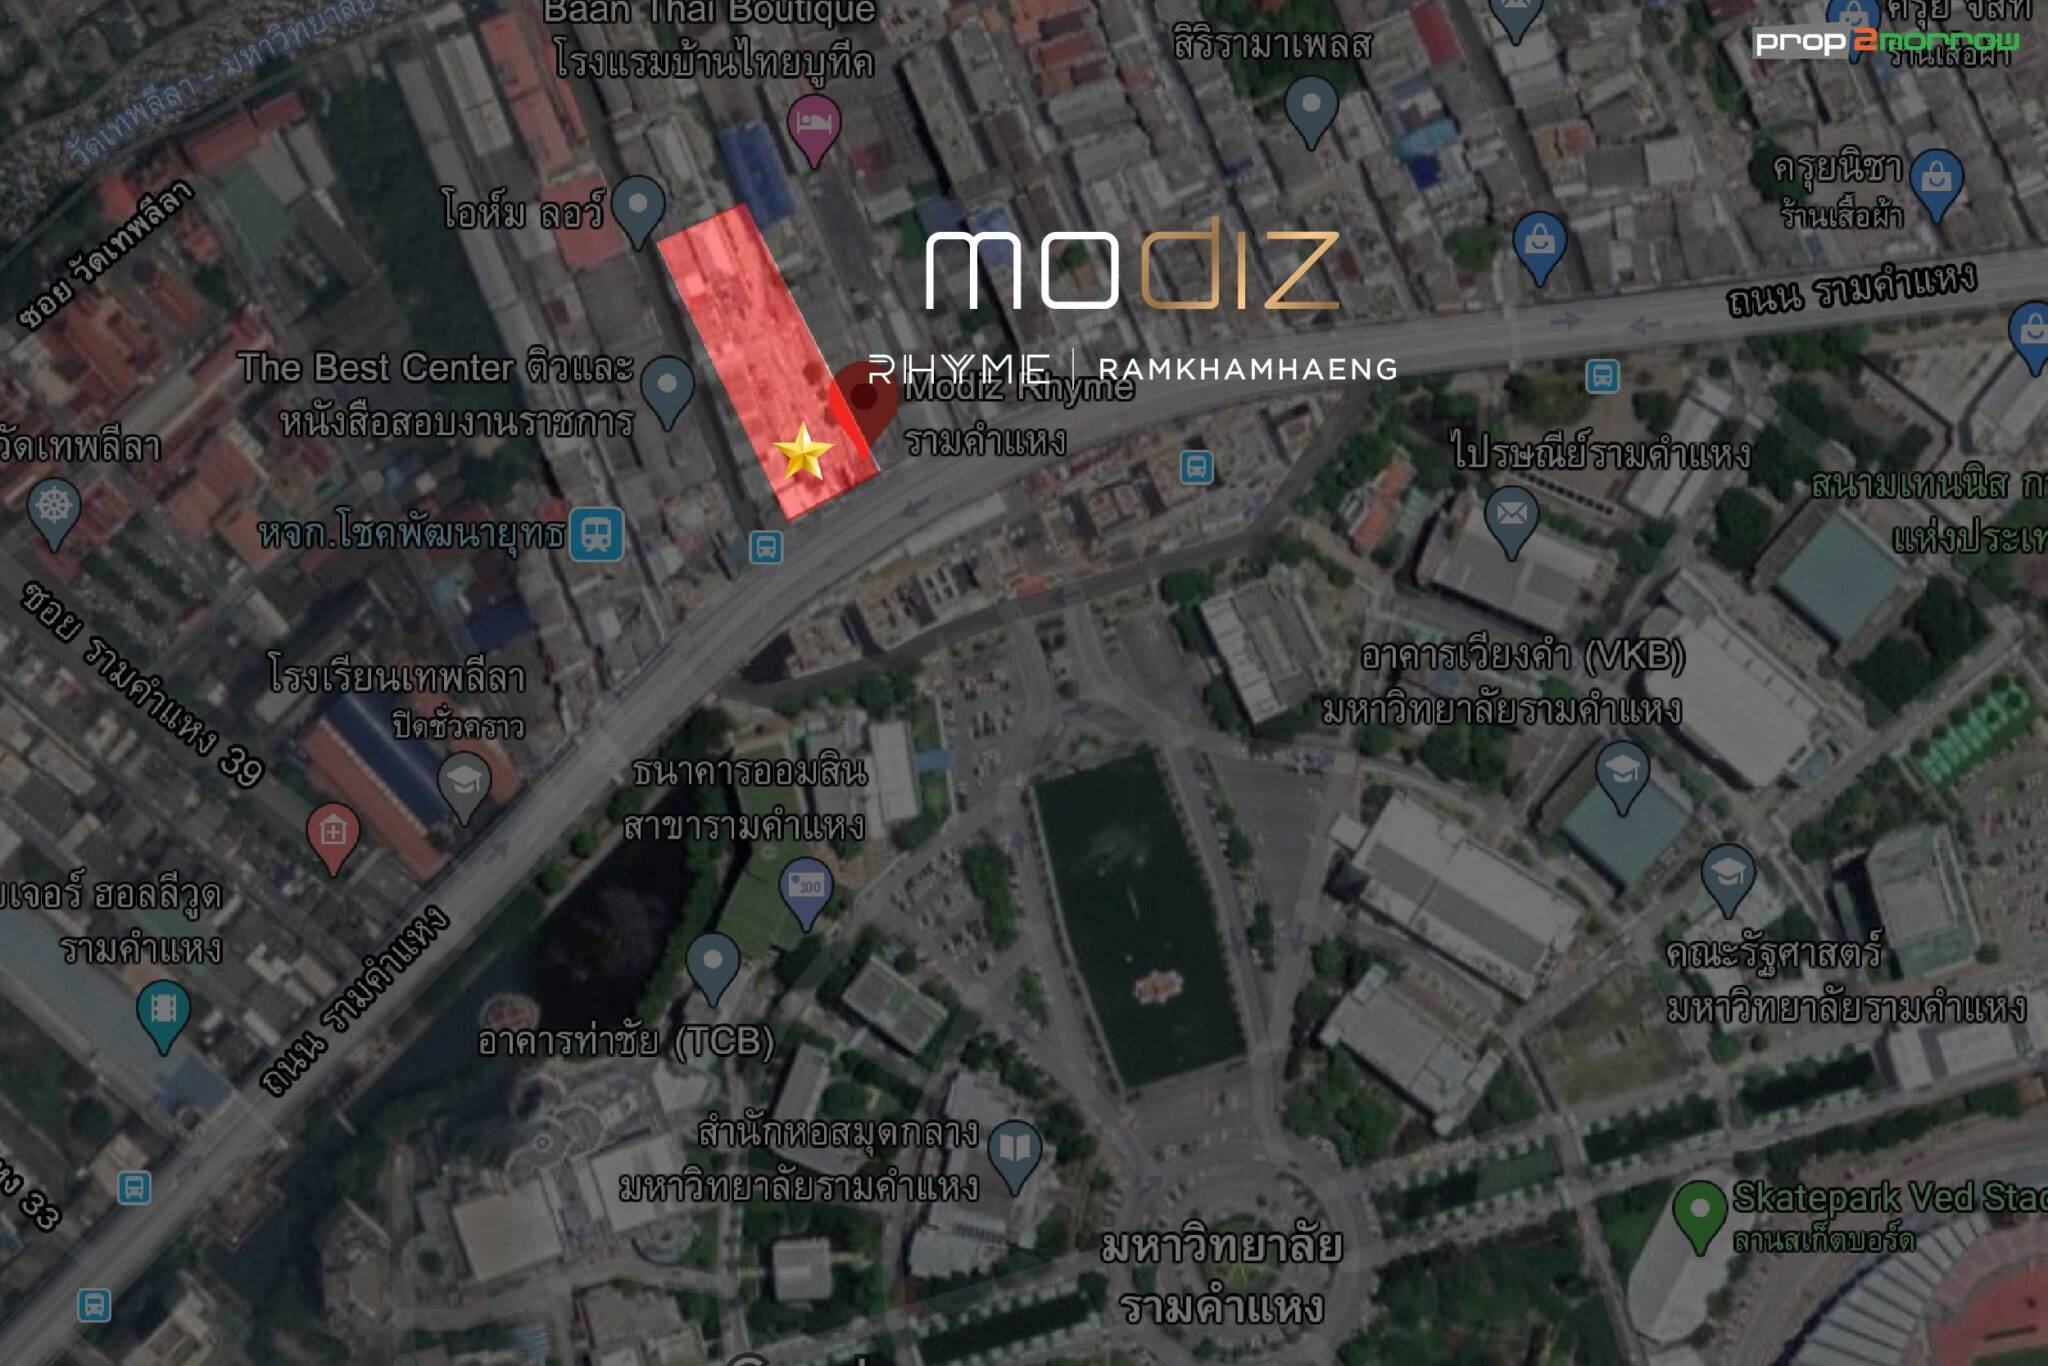 จับตาโครงการใหม่ Modiz Rhyme Ramkhamhaeng บนทำเล Rare Item ที่สุดในย่านรามคำแหง   Prop2Morrow บ้าน คอนโด ข่าวอสังหาฯ